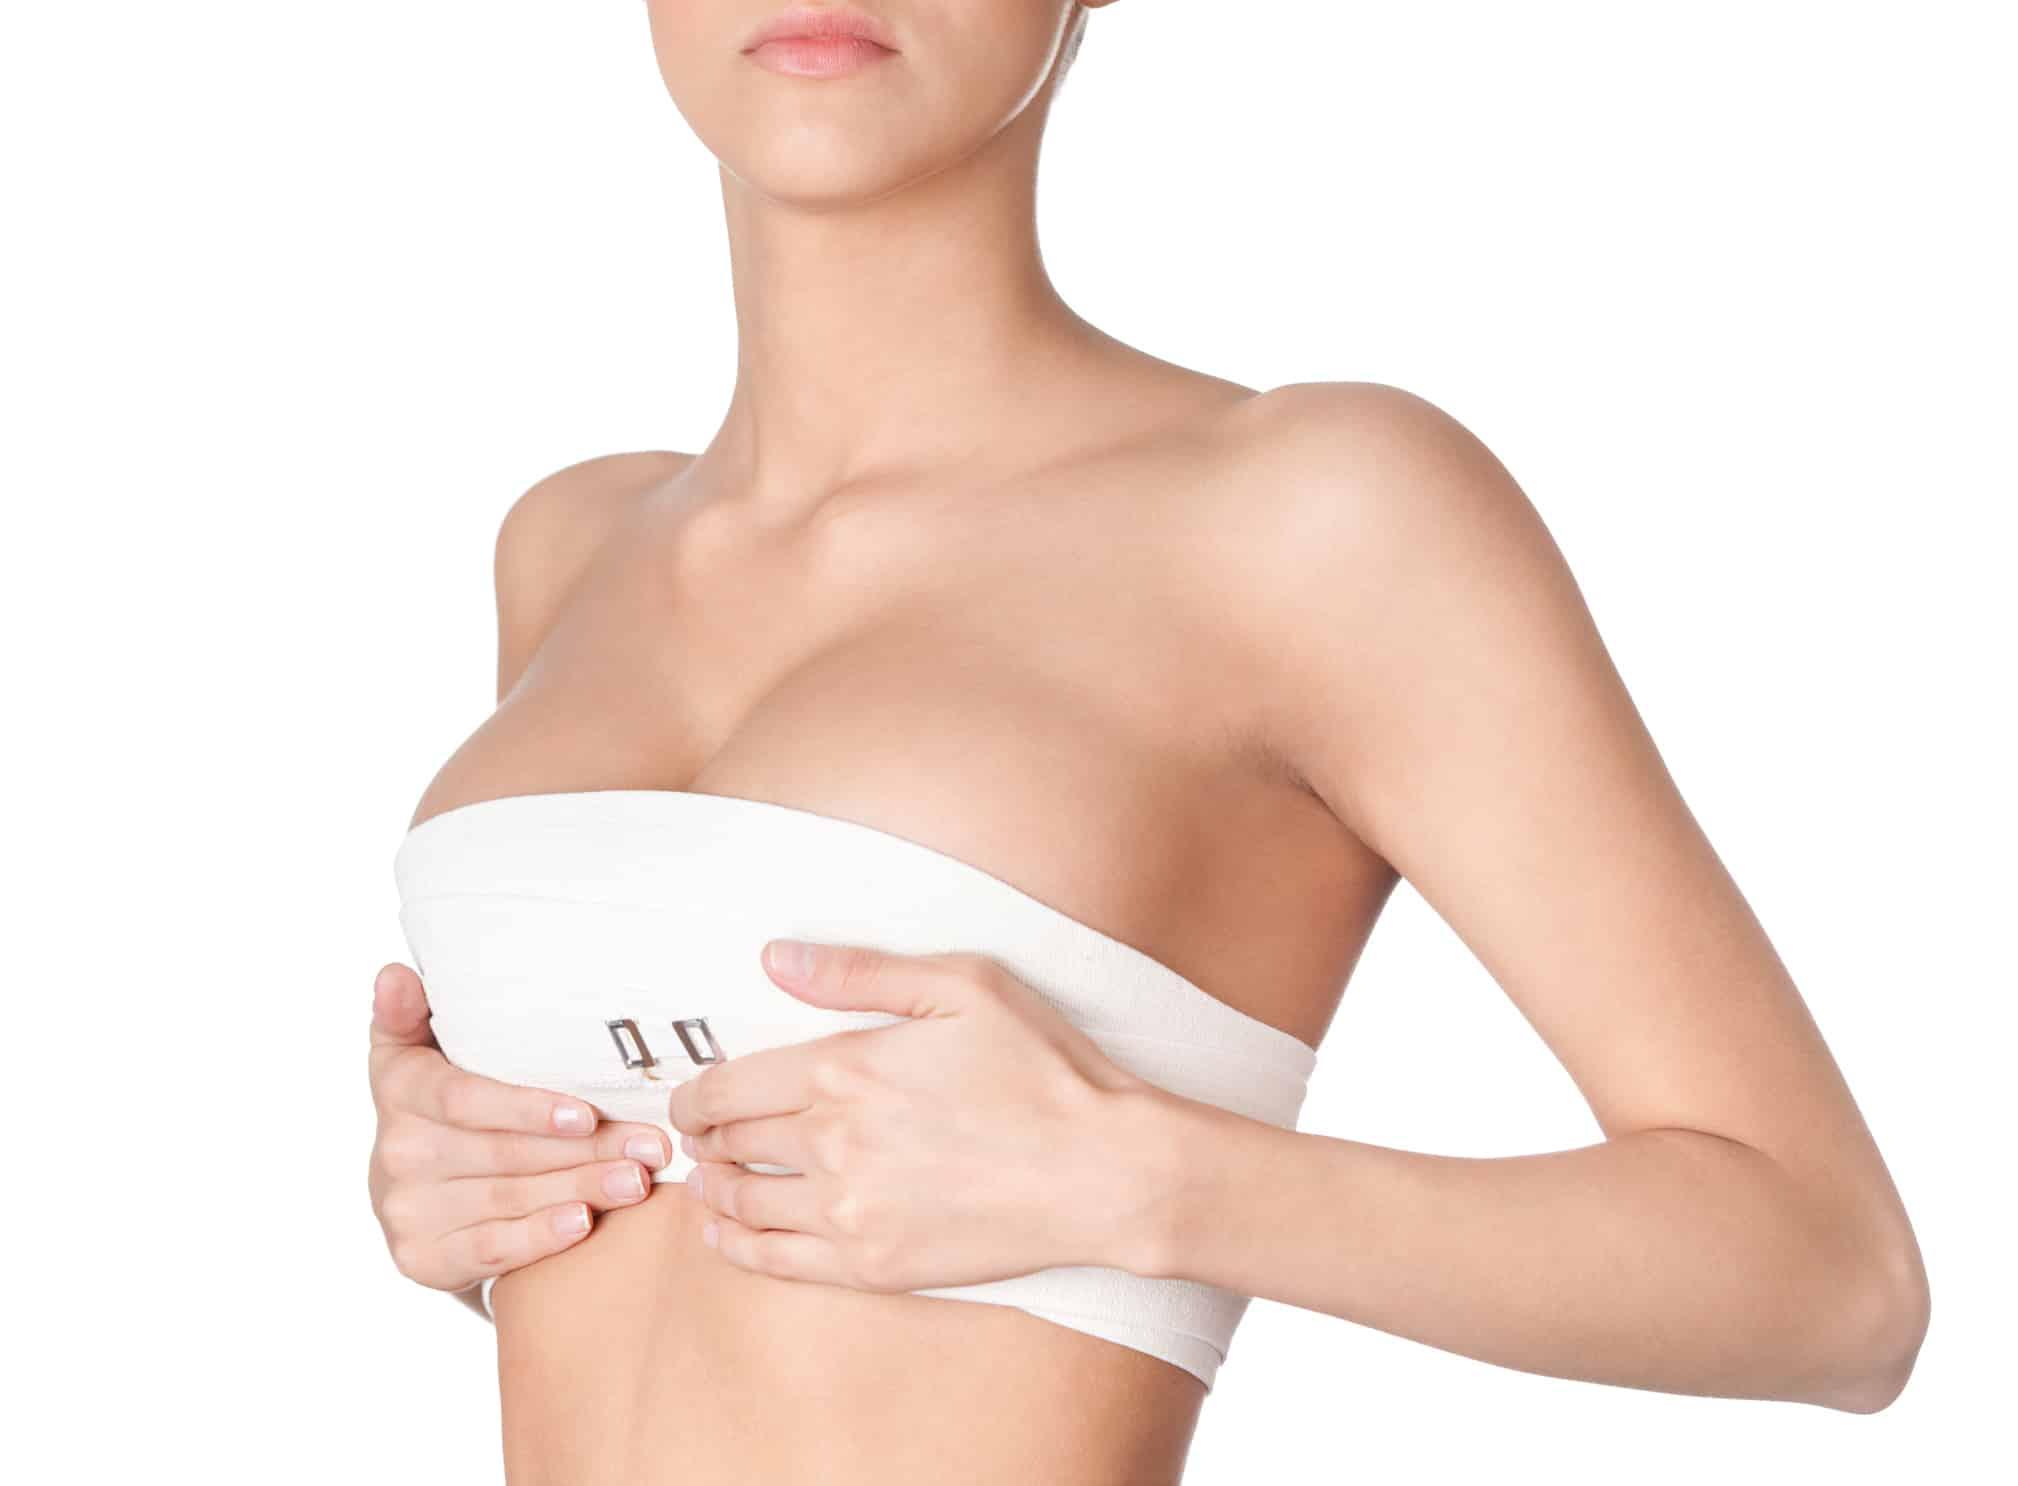 Nach Brustvergrößerung – So verhalten Sie sich richtig